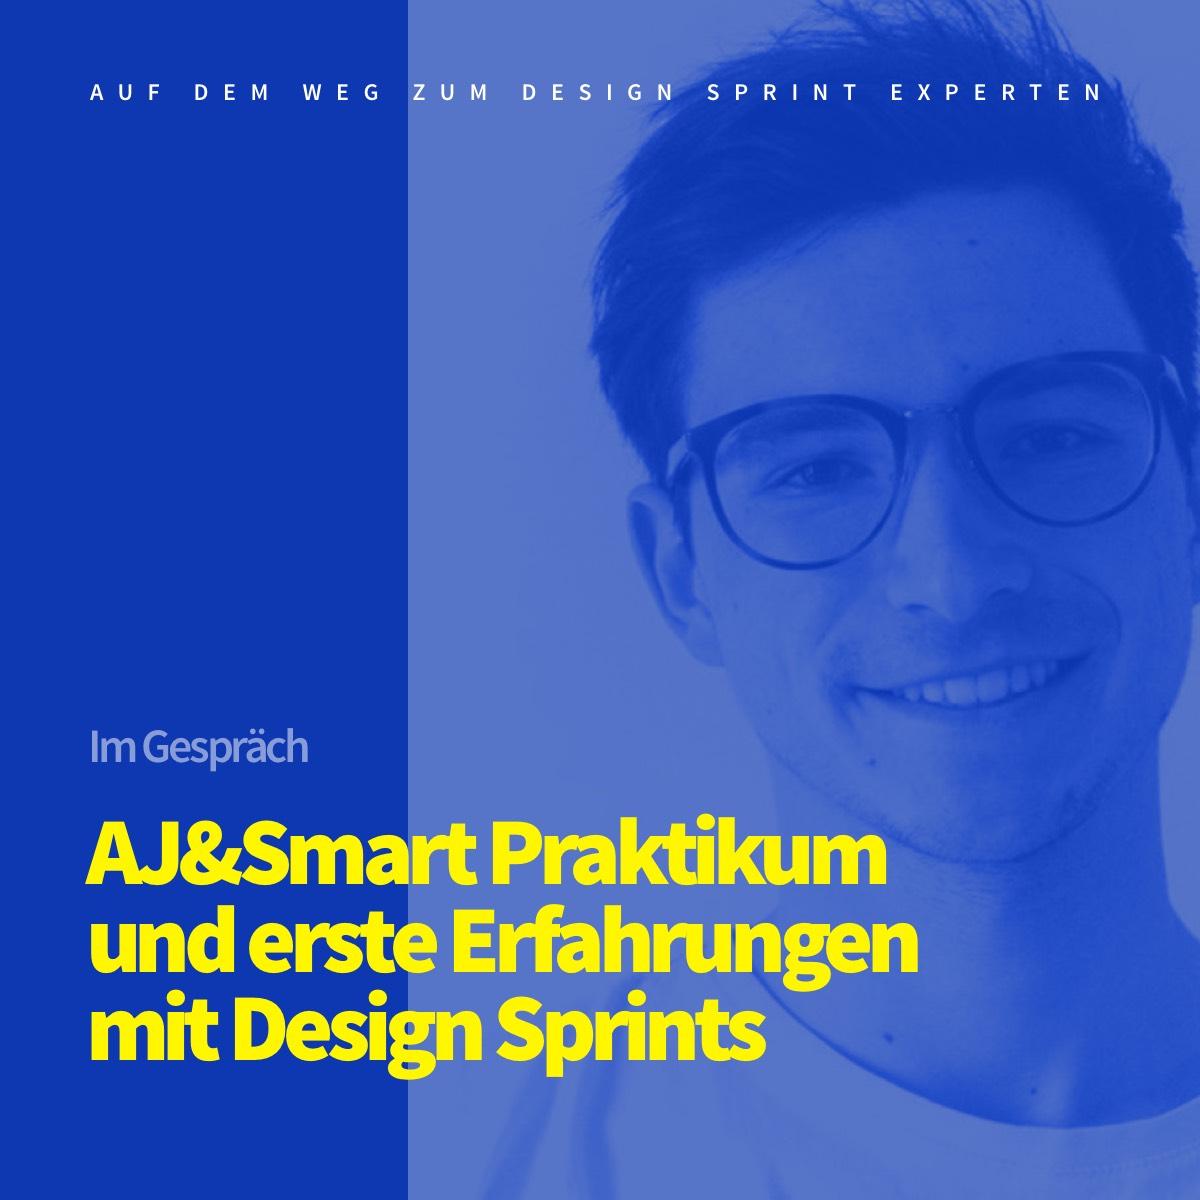 Ein Praktikum bei AJ&Smart und erste Erfahrungen mit Design Sprints